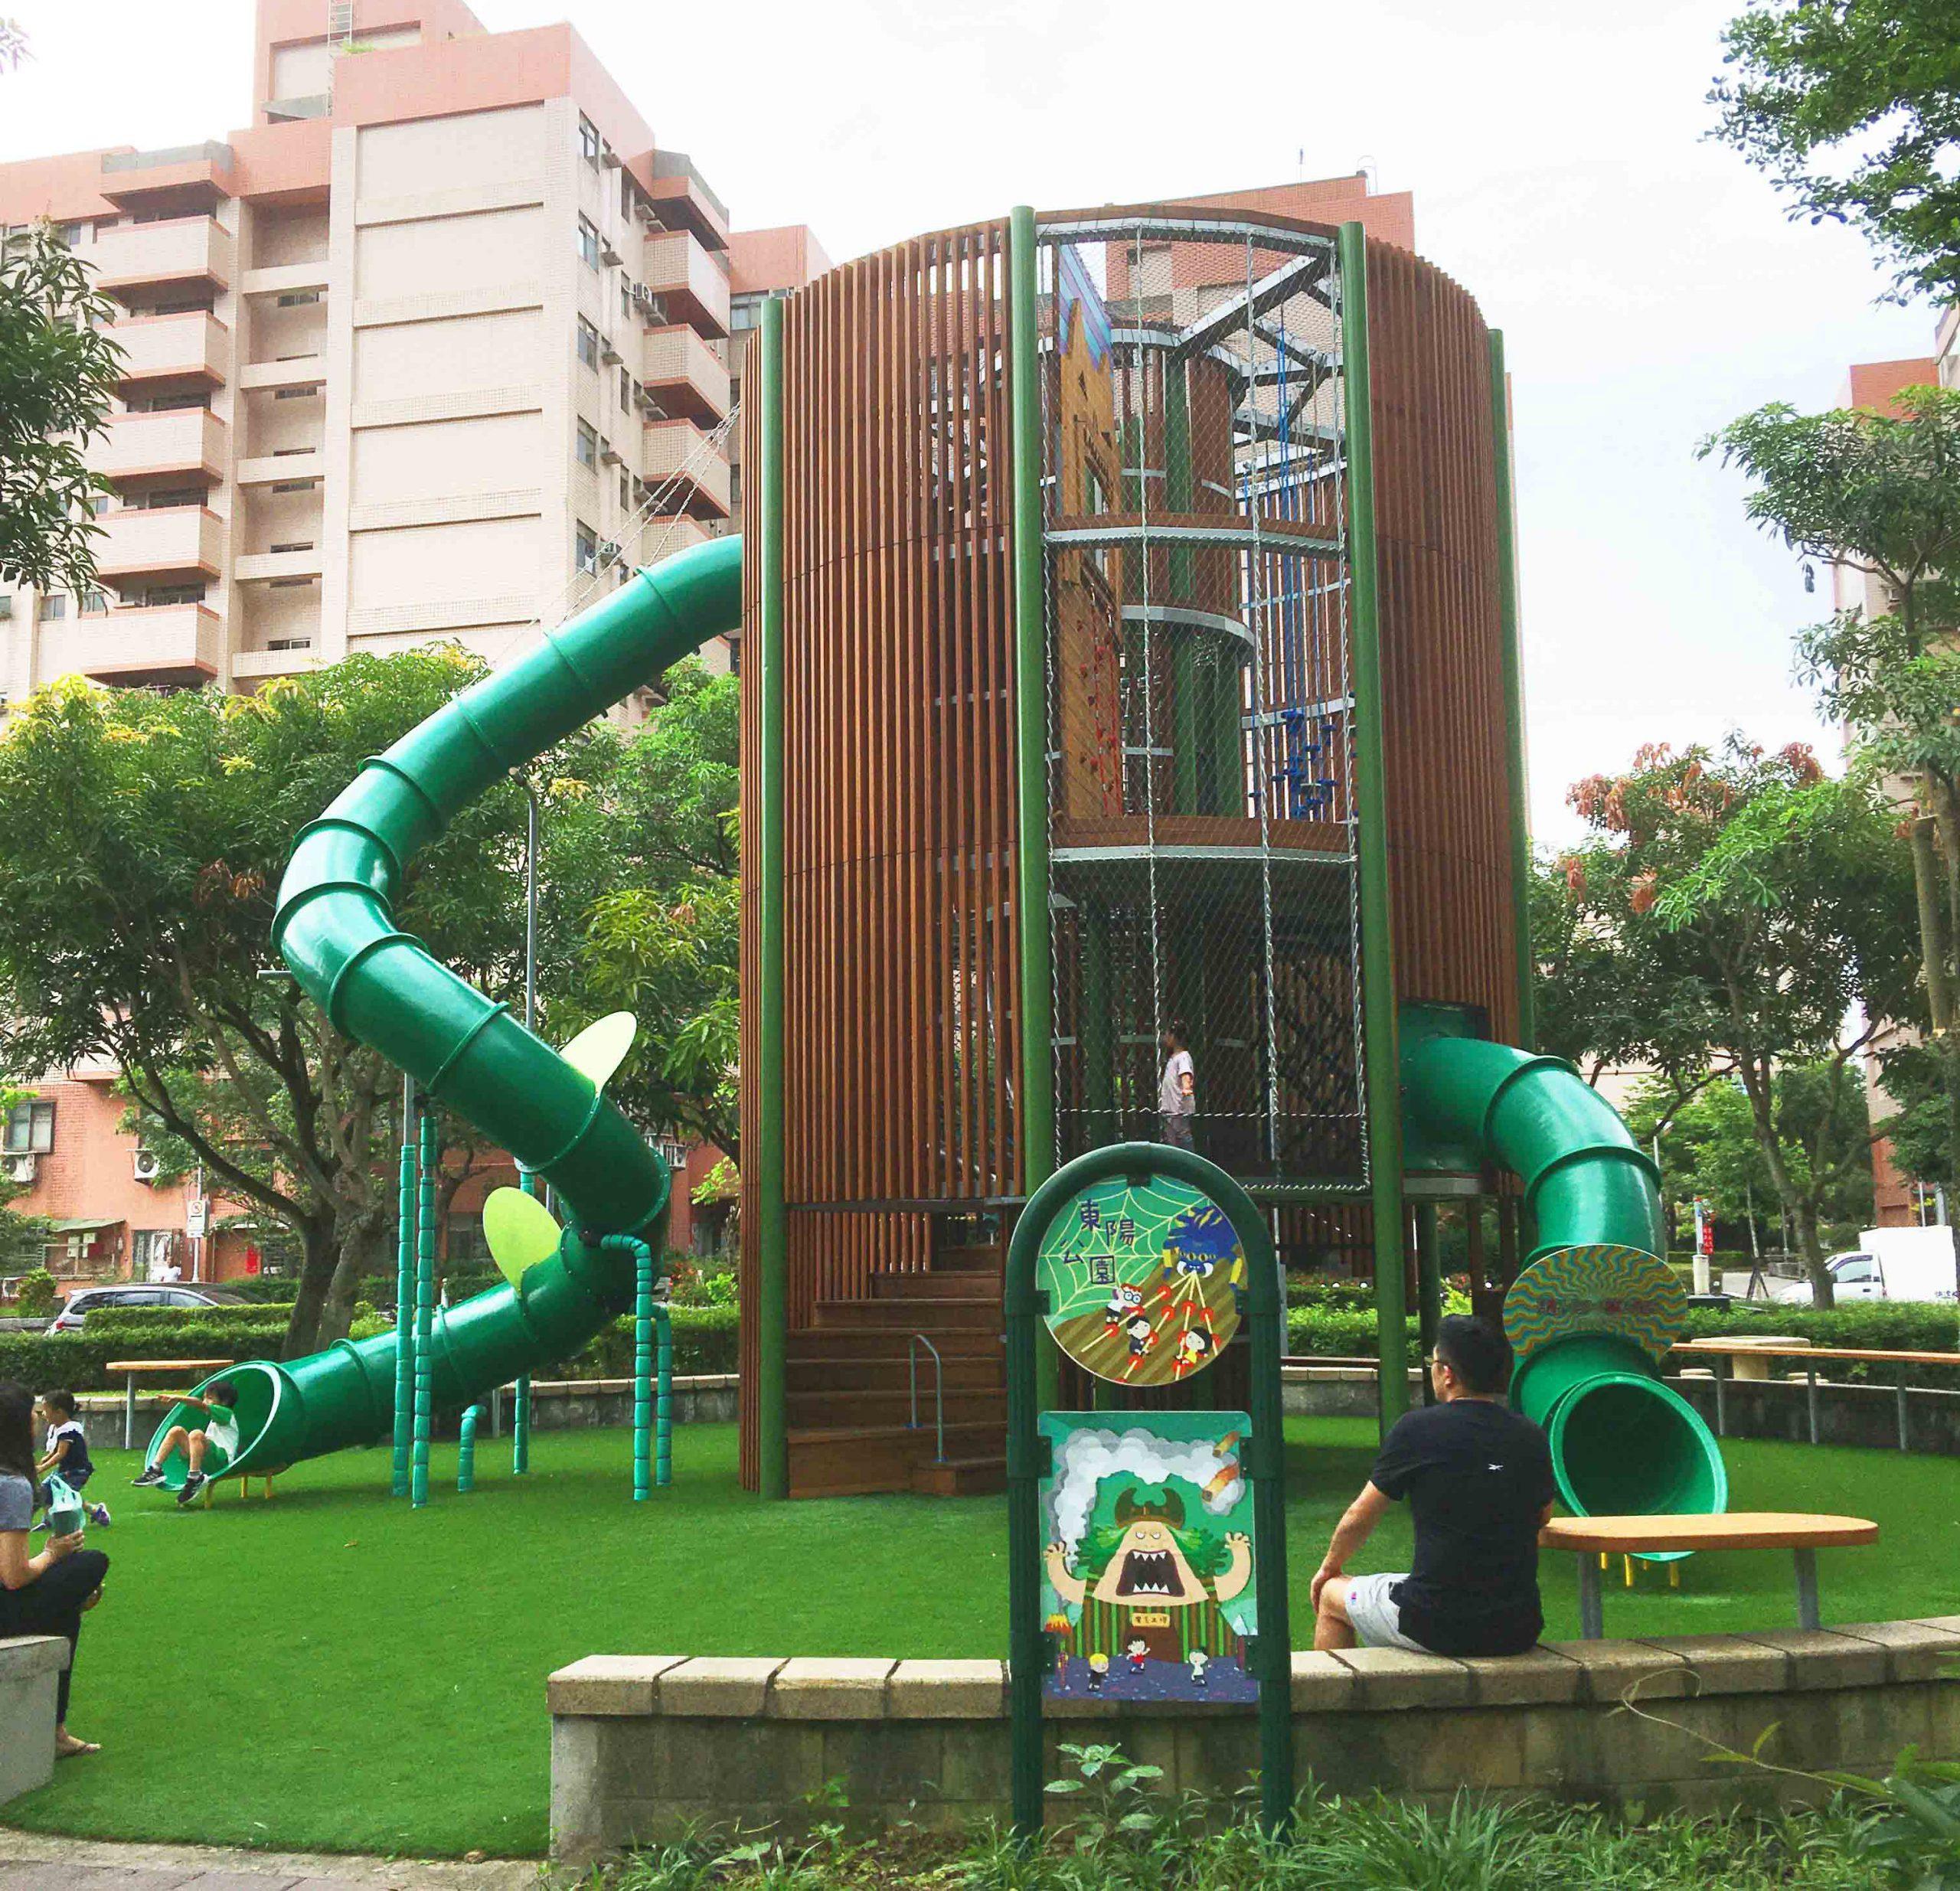 台北戶外遛小孩:南港「東陽公園」共融式遊戲場超高攀爬塔介紹